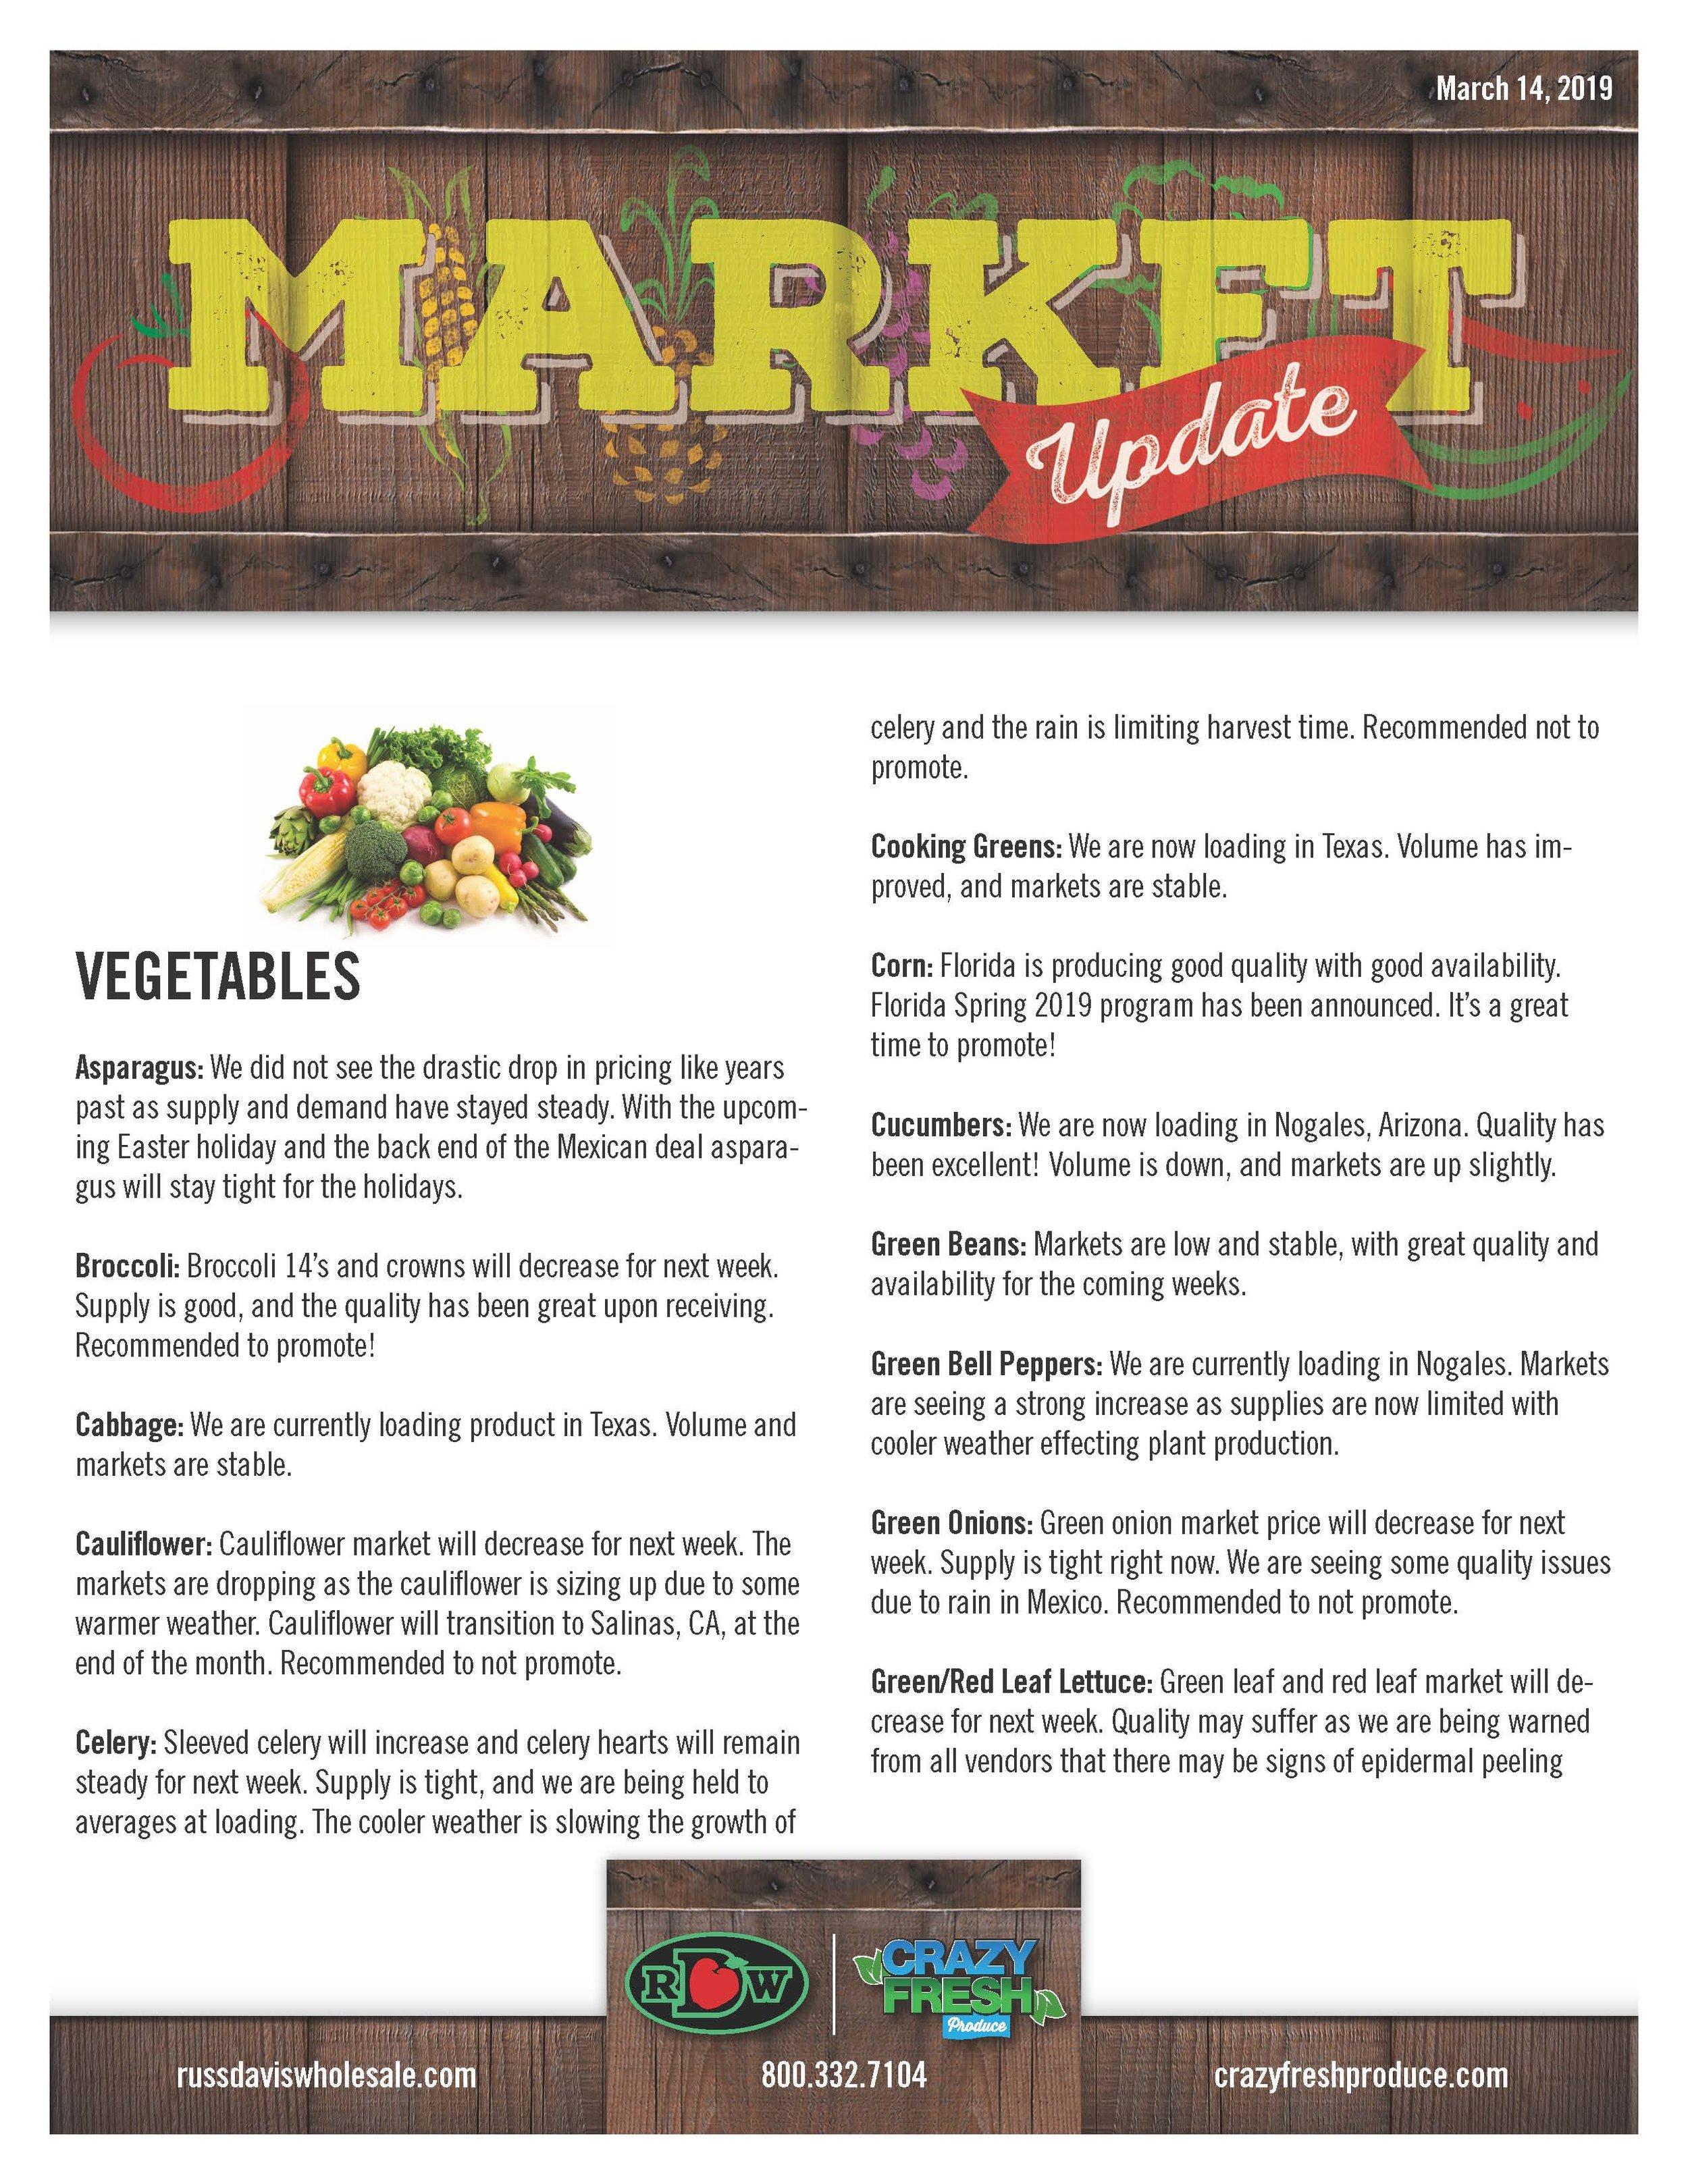 RDW_Market_Update_Mar14_19_Page_1.jpg